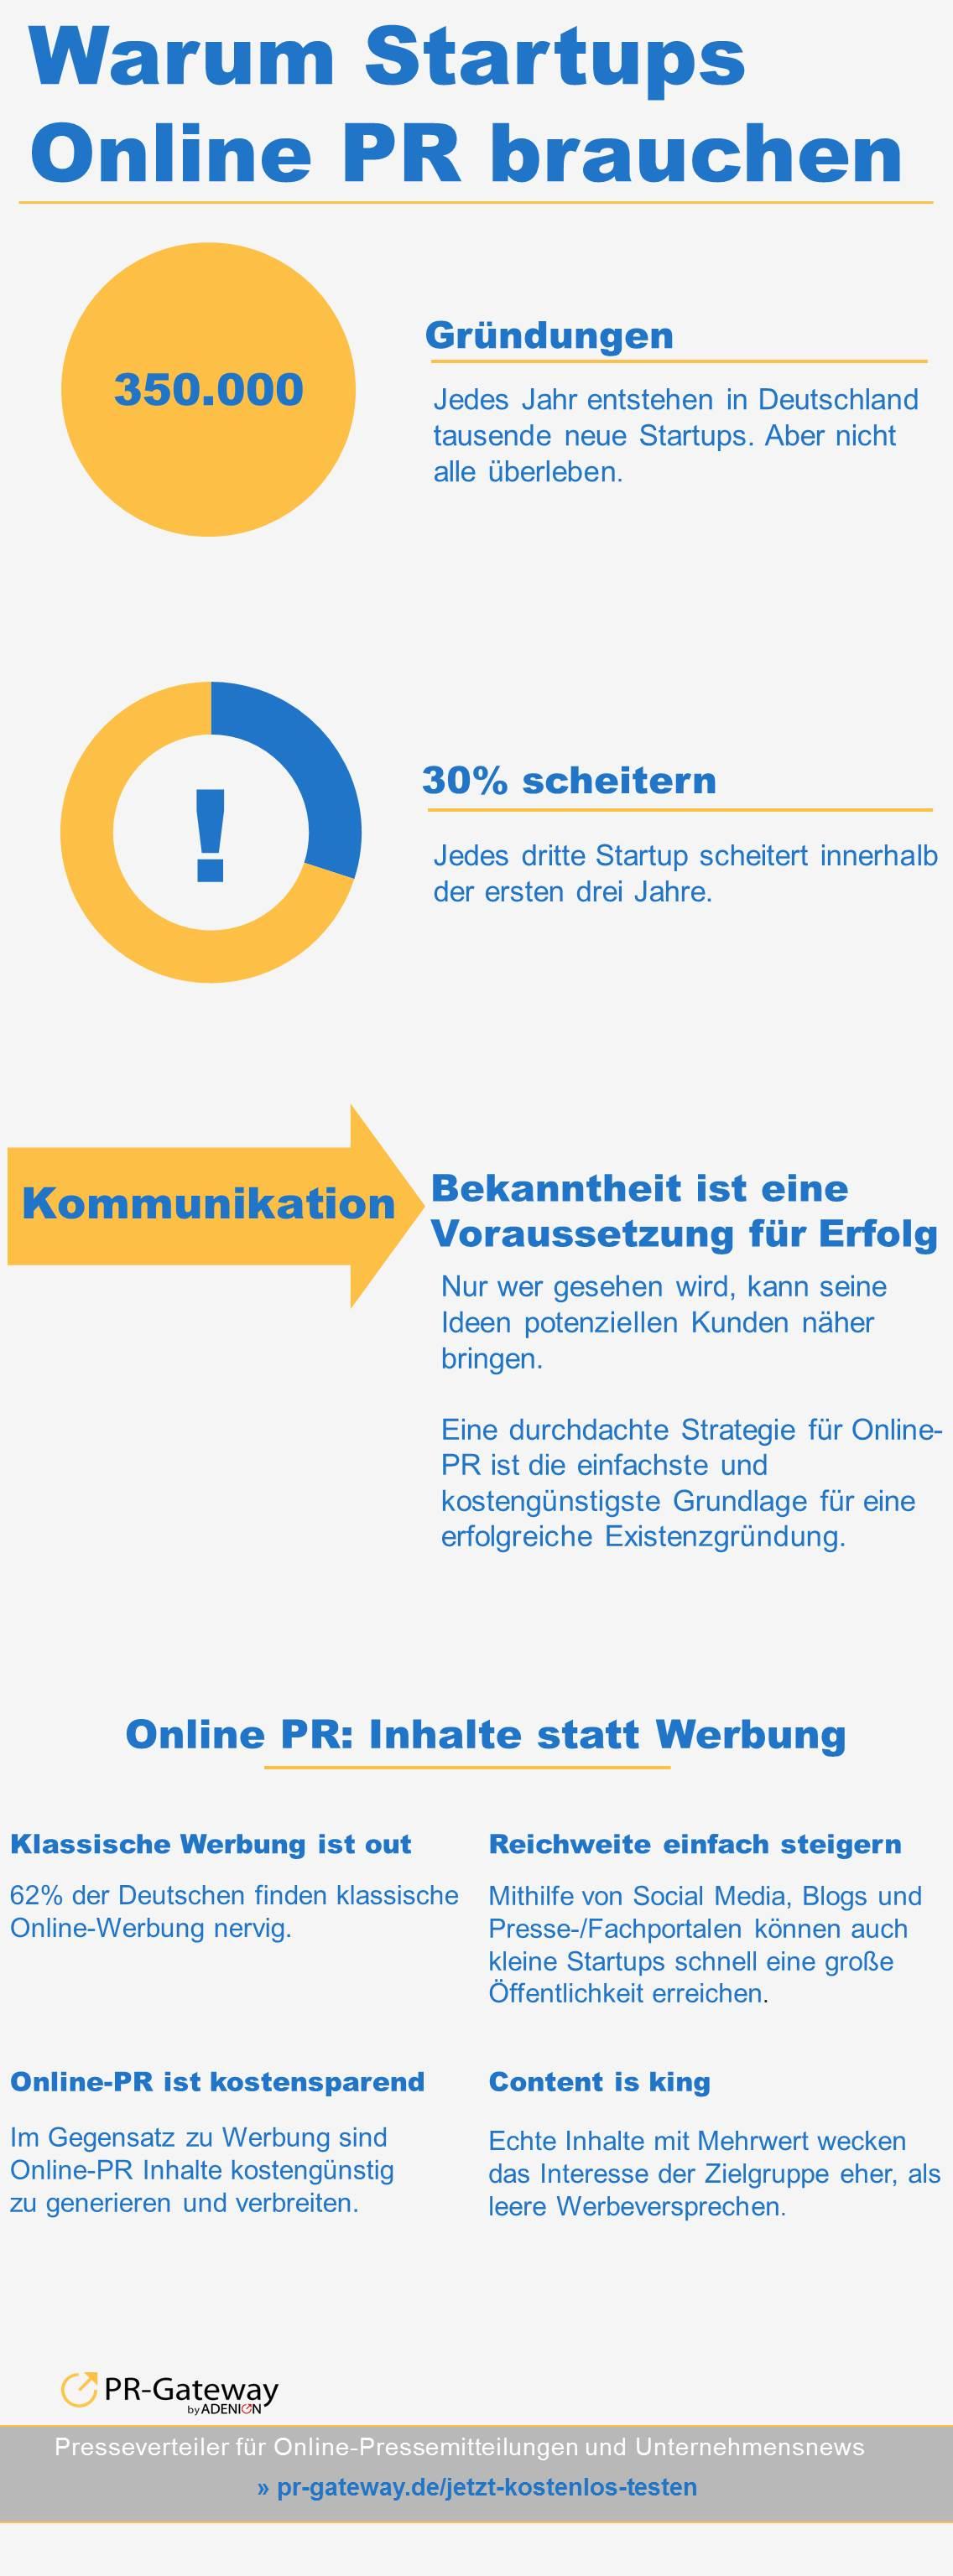 Infografik: Warum Startups Online-PR brauchen